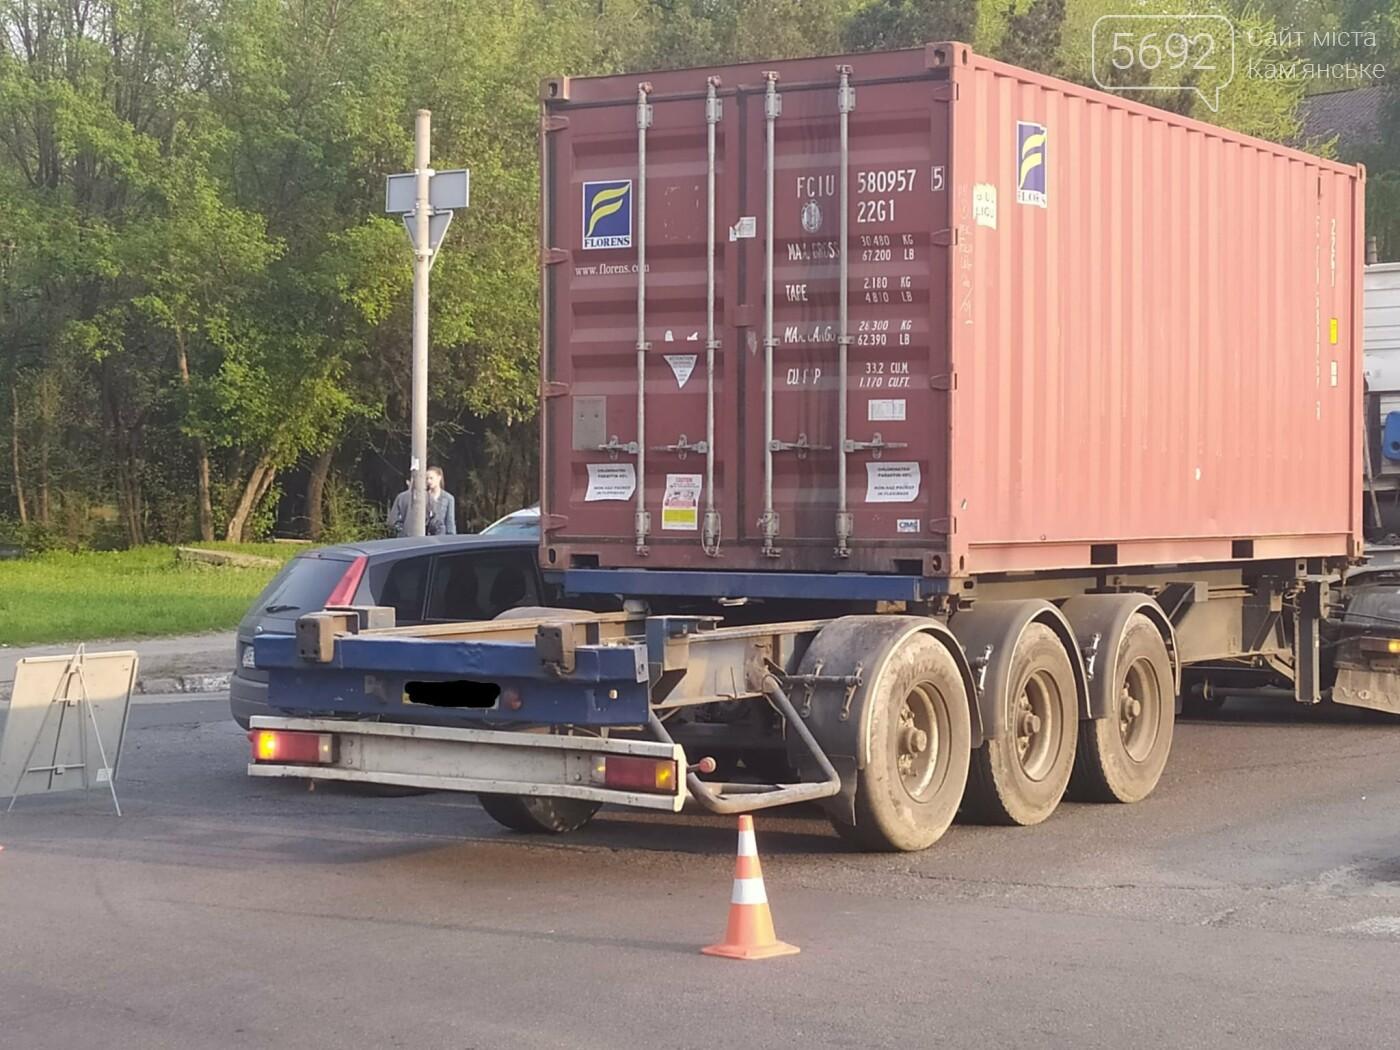 В Каменском на Аношкина водитель грузовика спровоцировал ДТП, фото-2